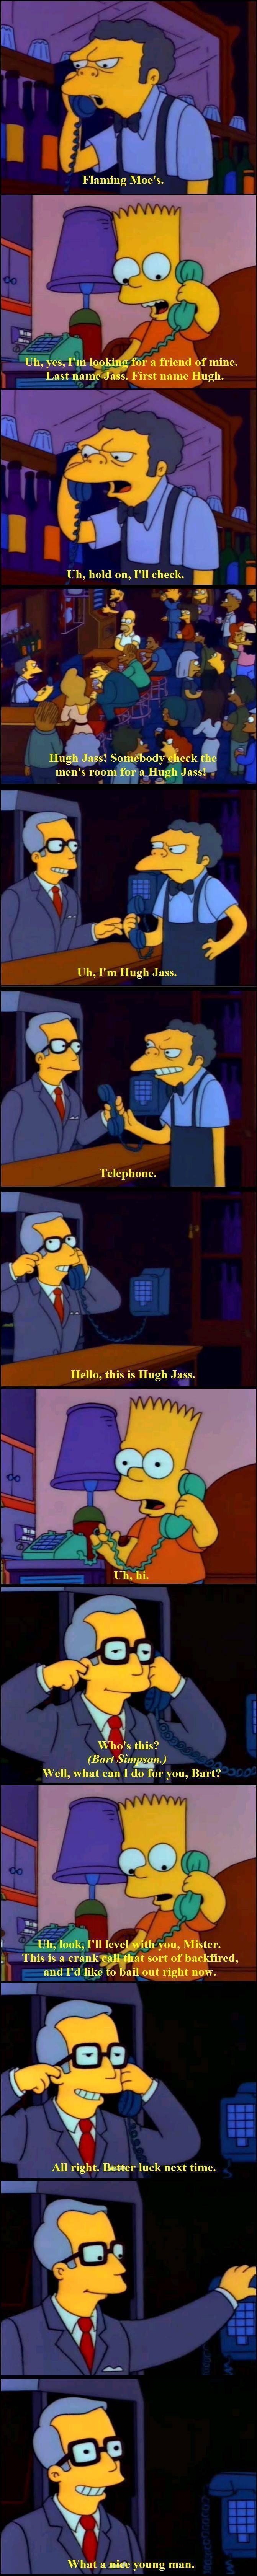 Patton reccomend Joke names hugh jass